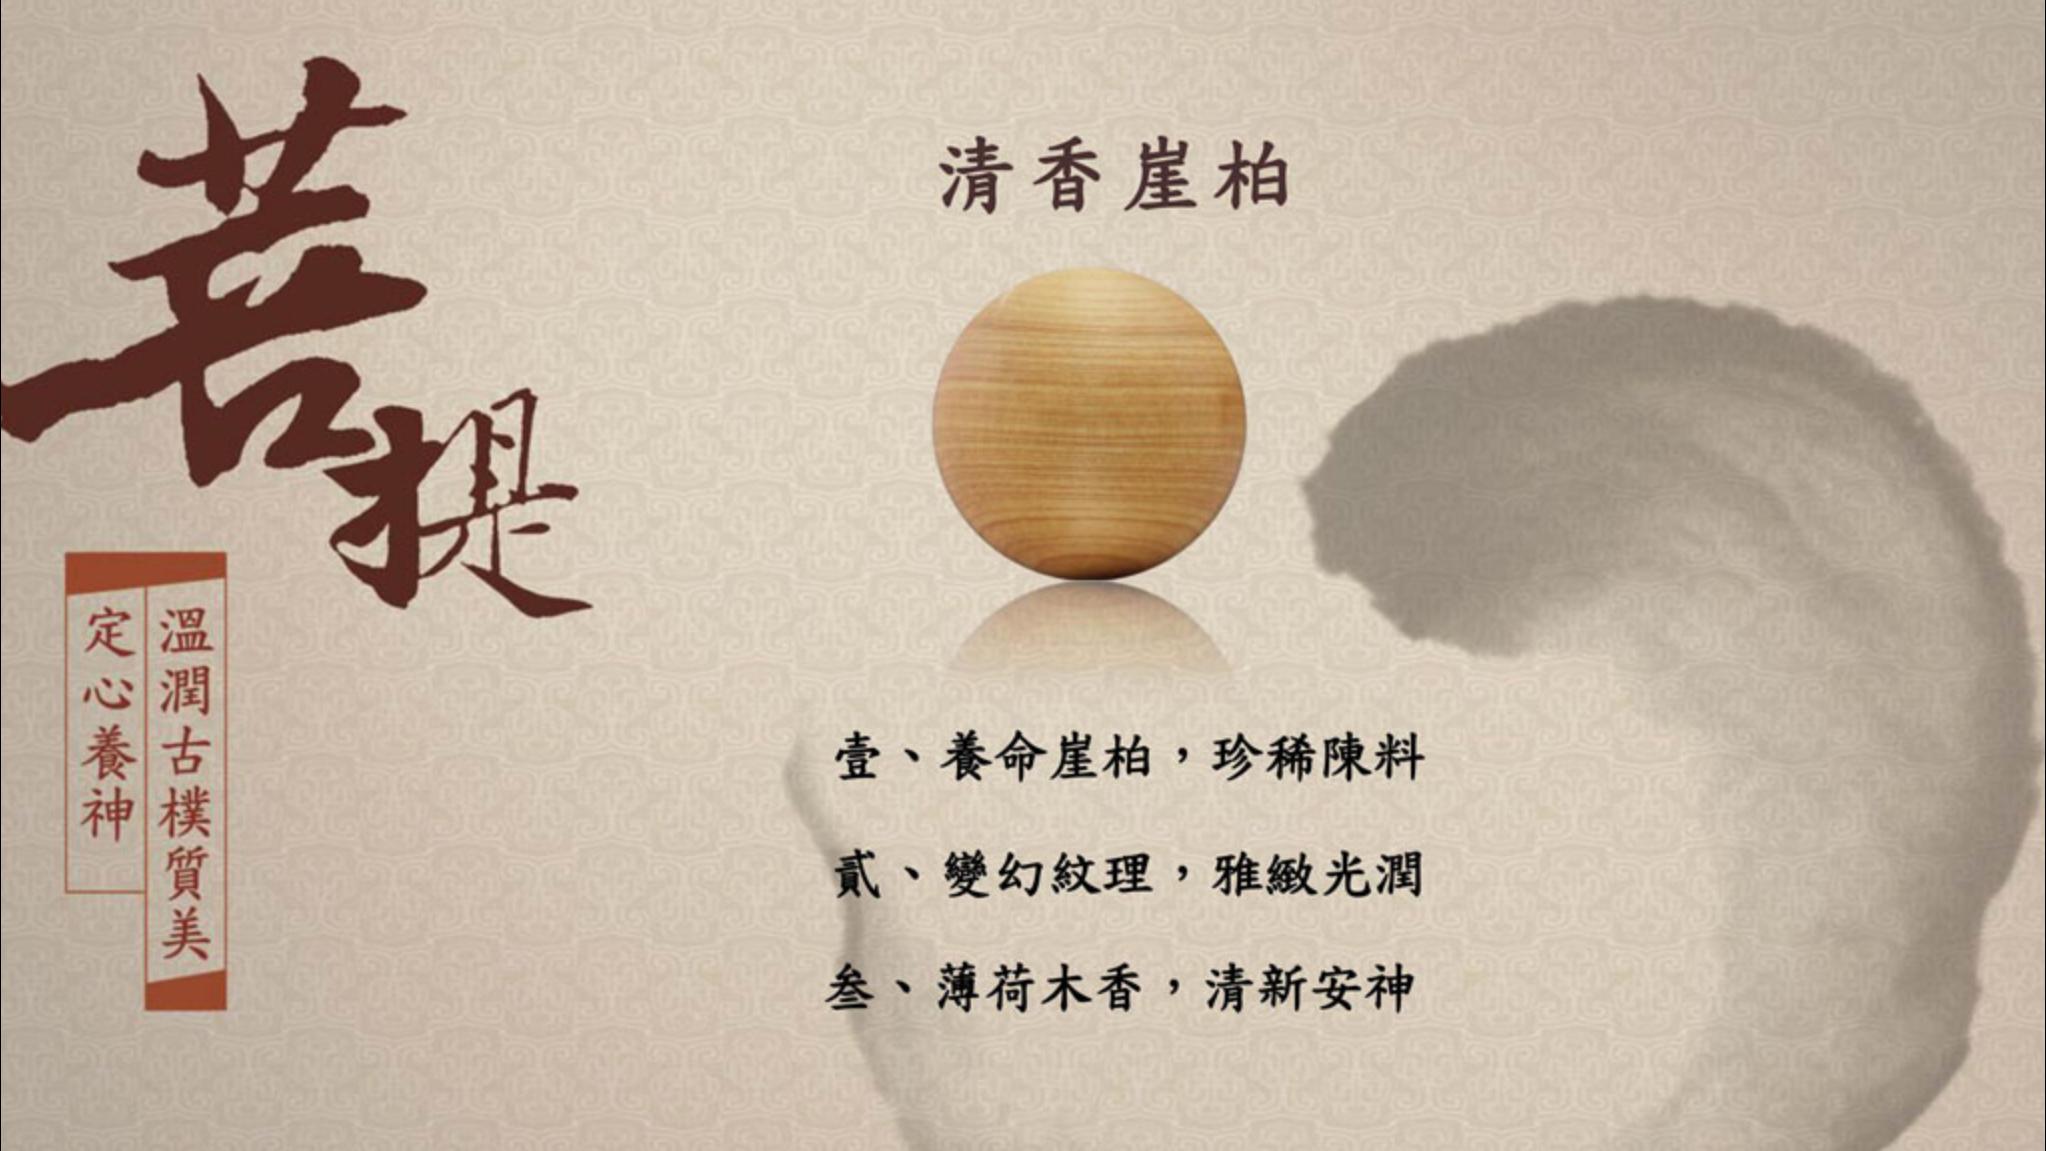 宏碁Acer推出「智慧佛珠」,人人都能指定迴向、分享福報!